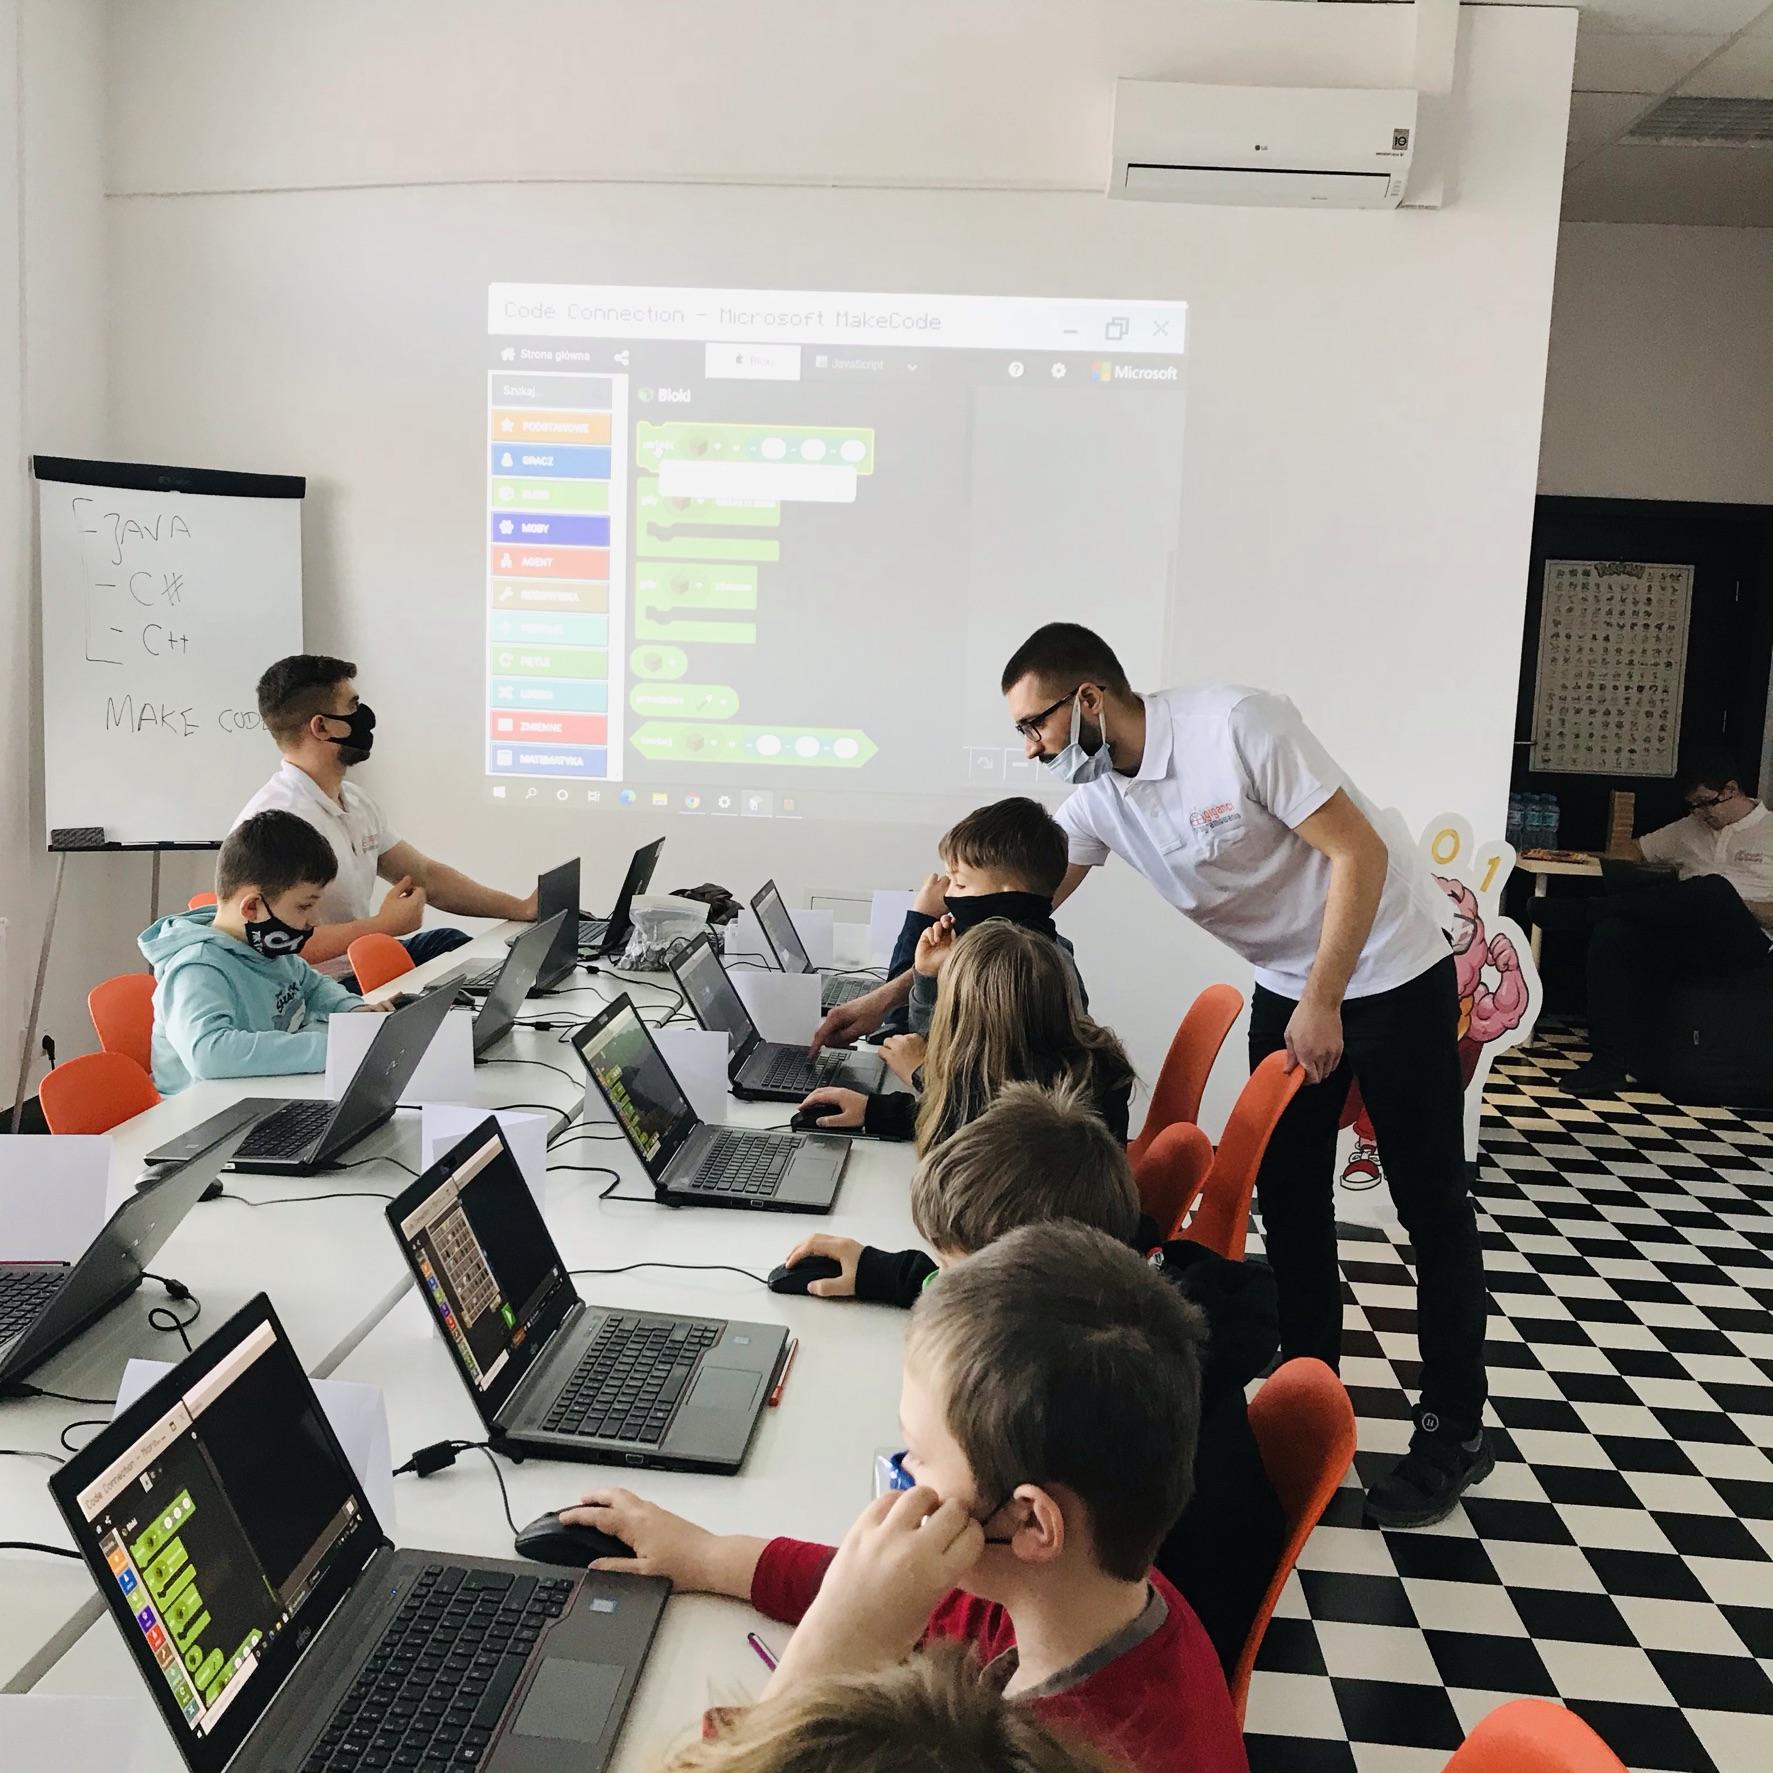 dzieci przy laptopach